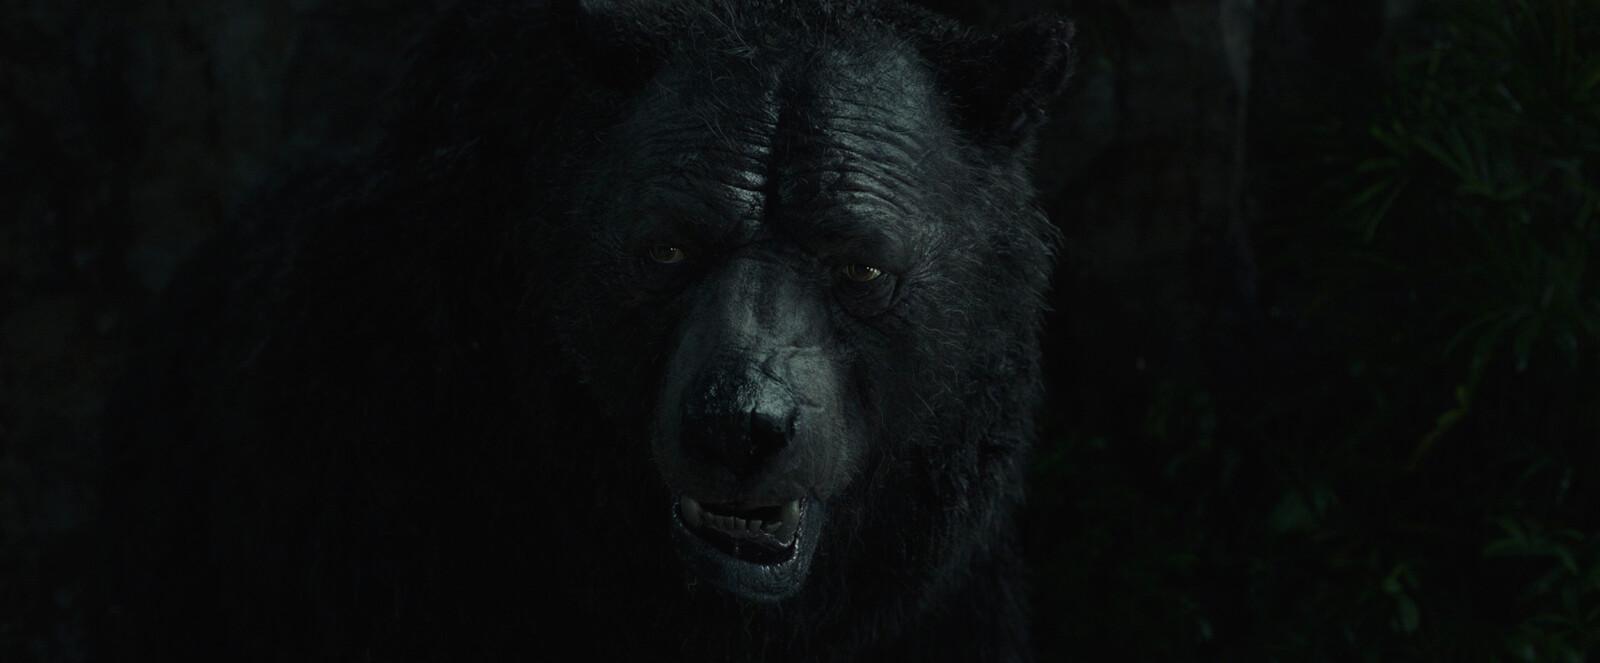 Baloo close up 04